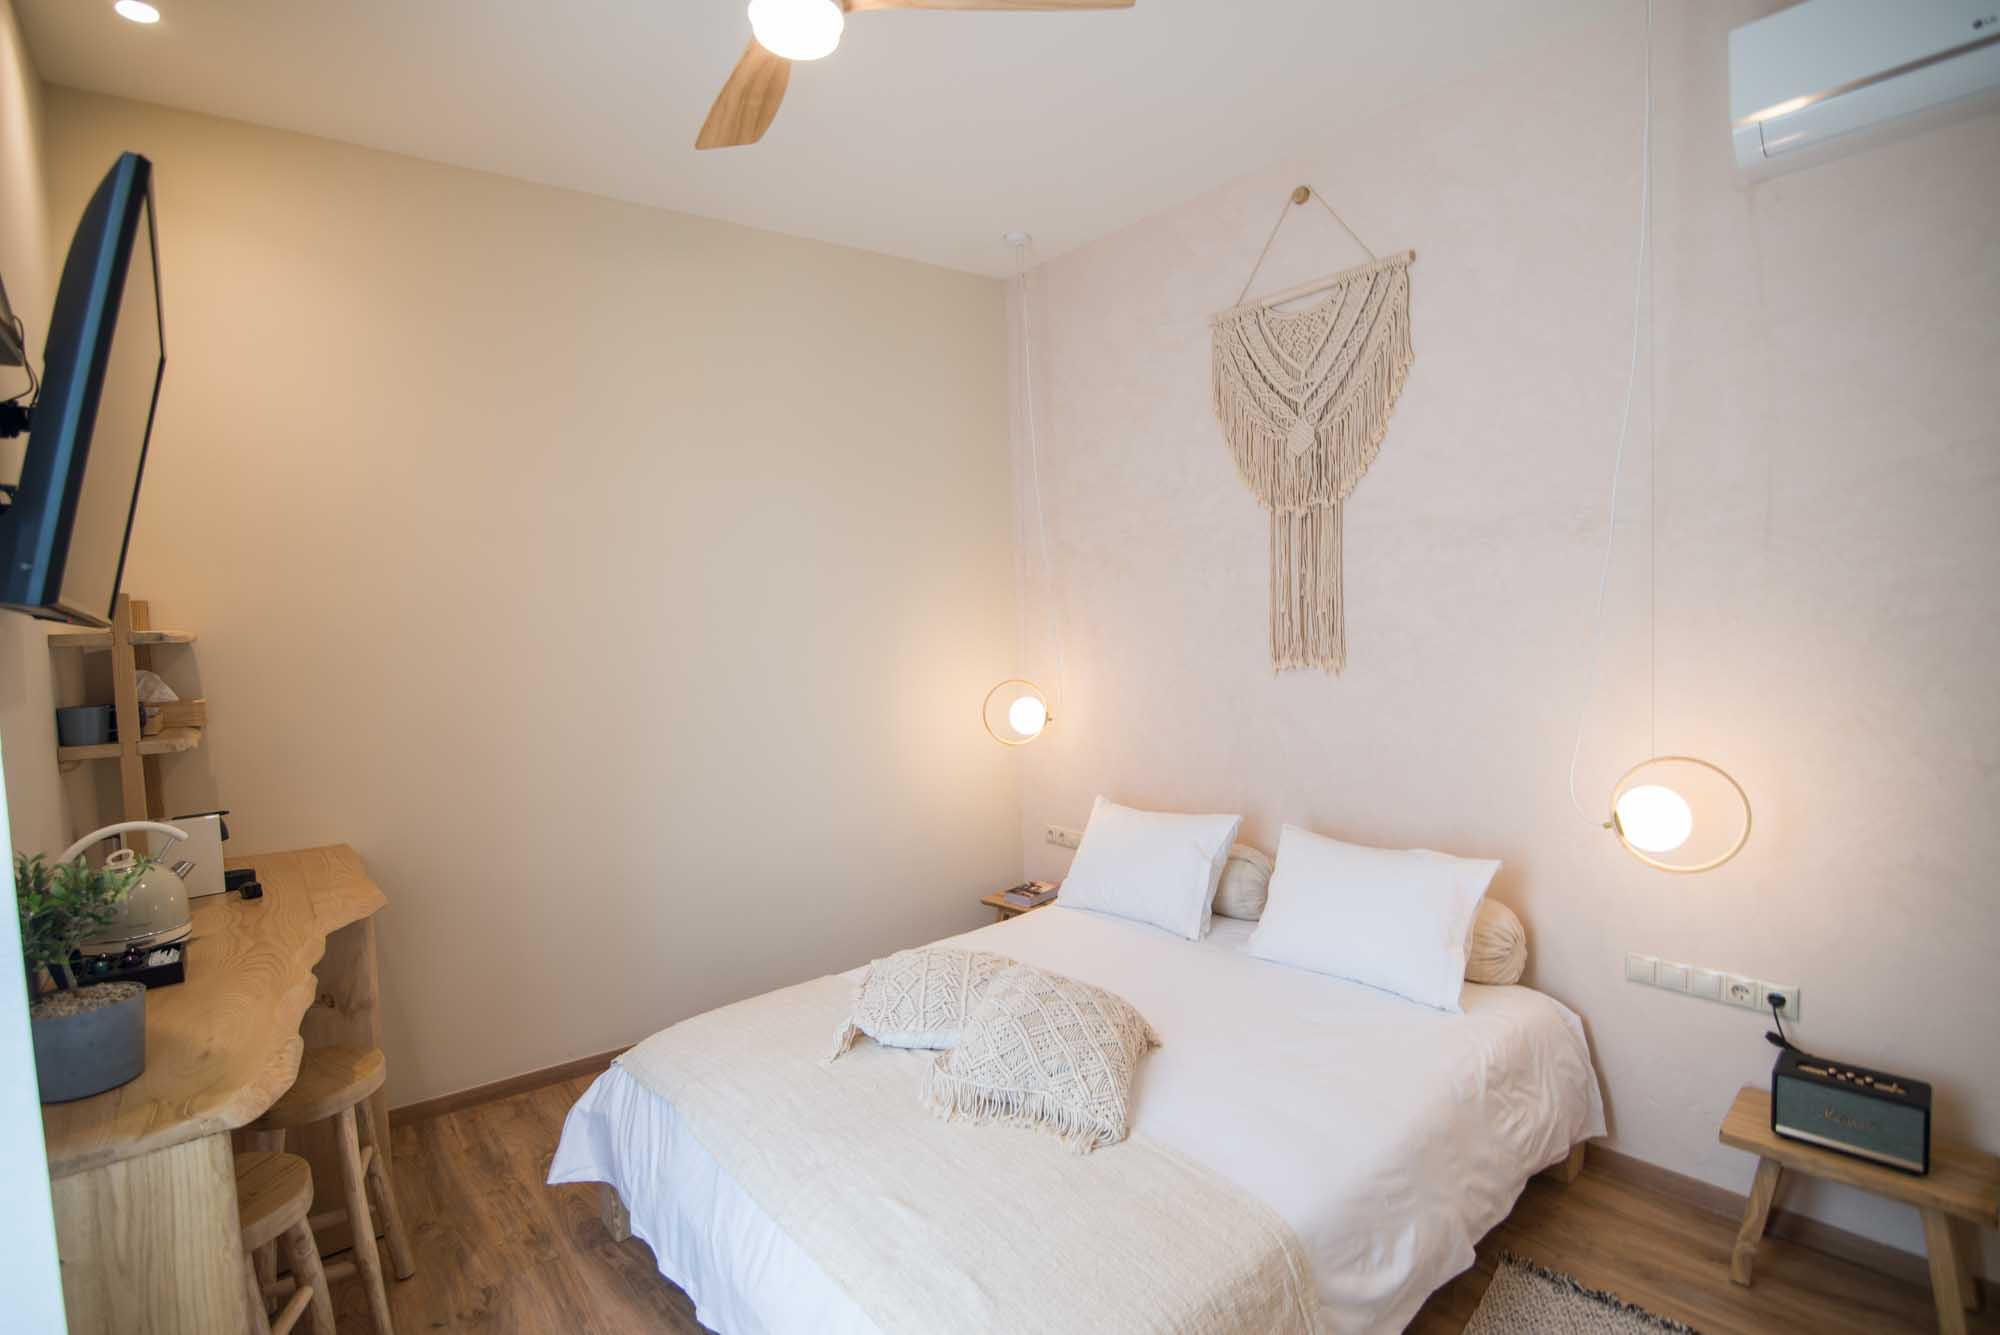 Hotel_room_Allegra_03